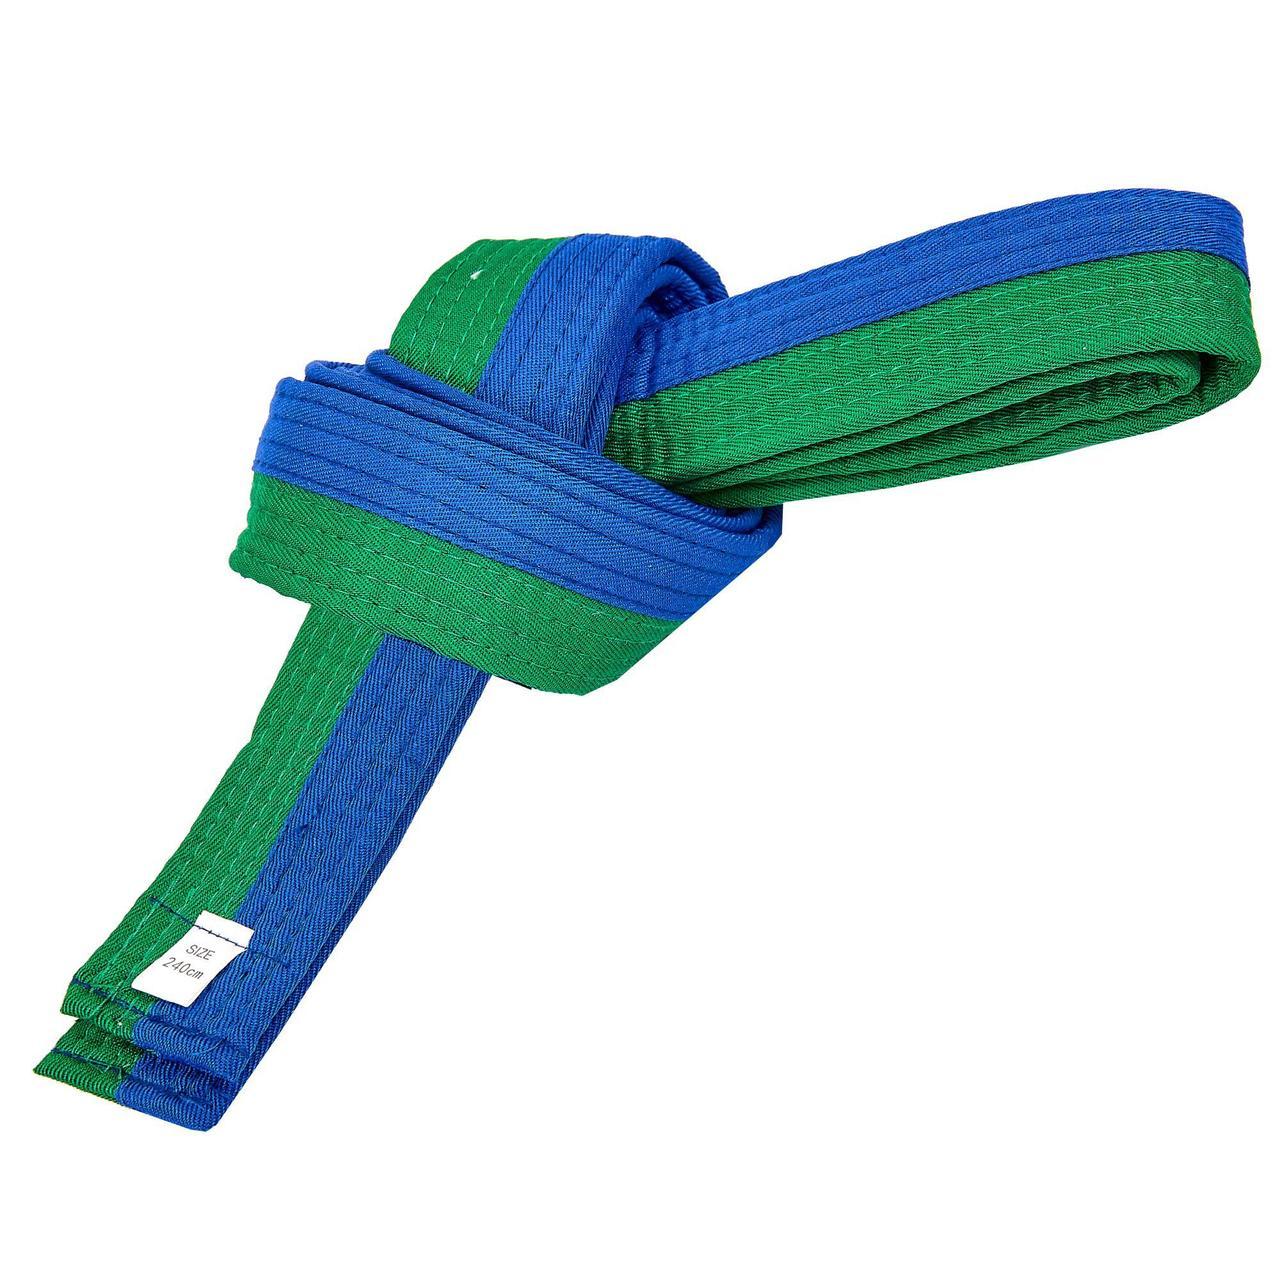 Пояс для кимоно двухцветный SP-Planeta BO-7257 (хлопок, размер 00-5, длина 220-280см, синий-зеленый)